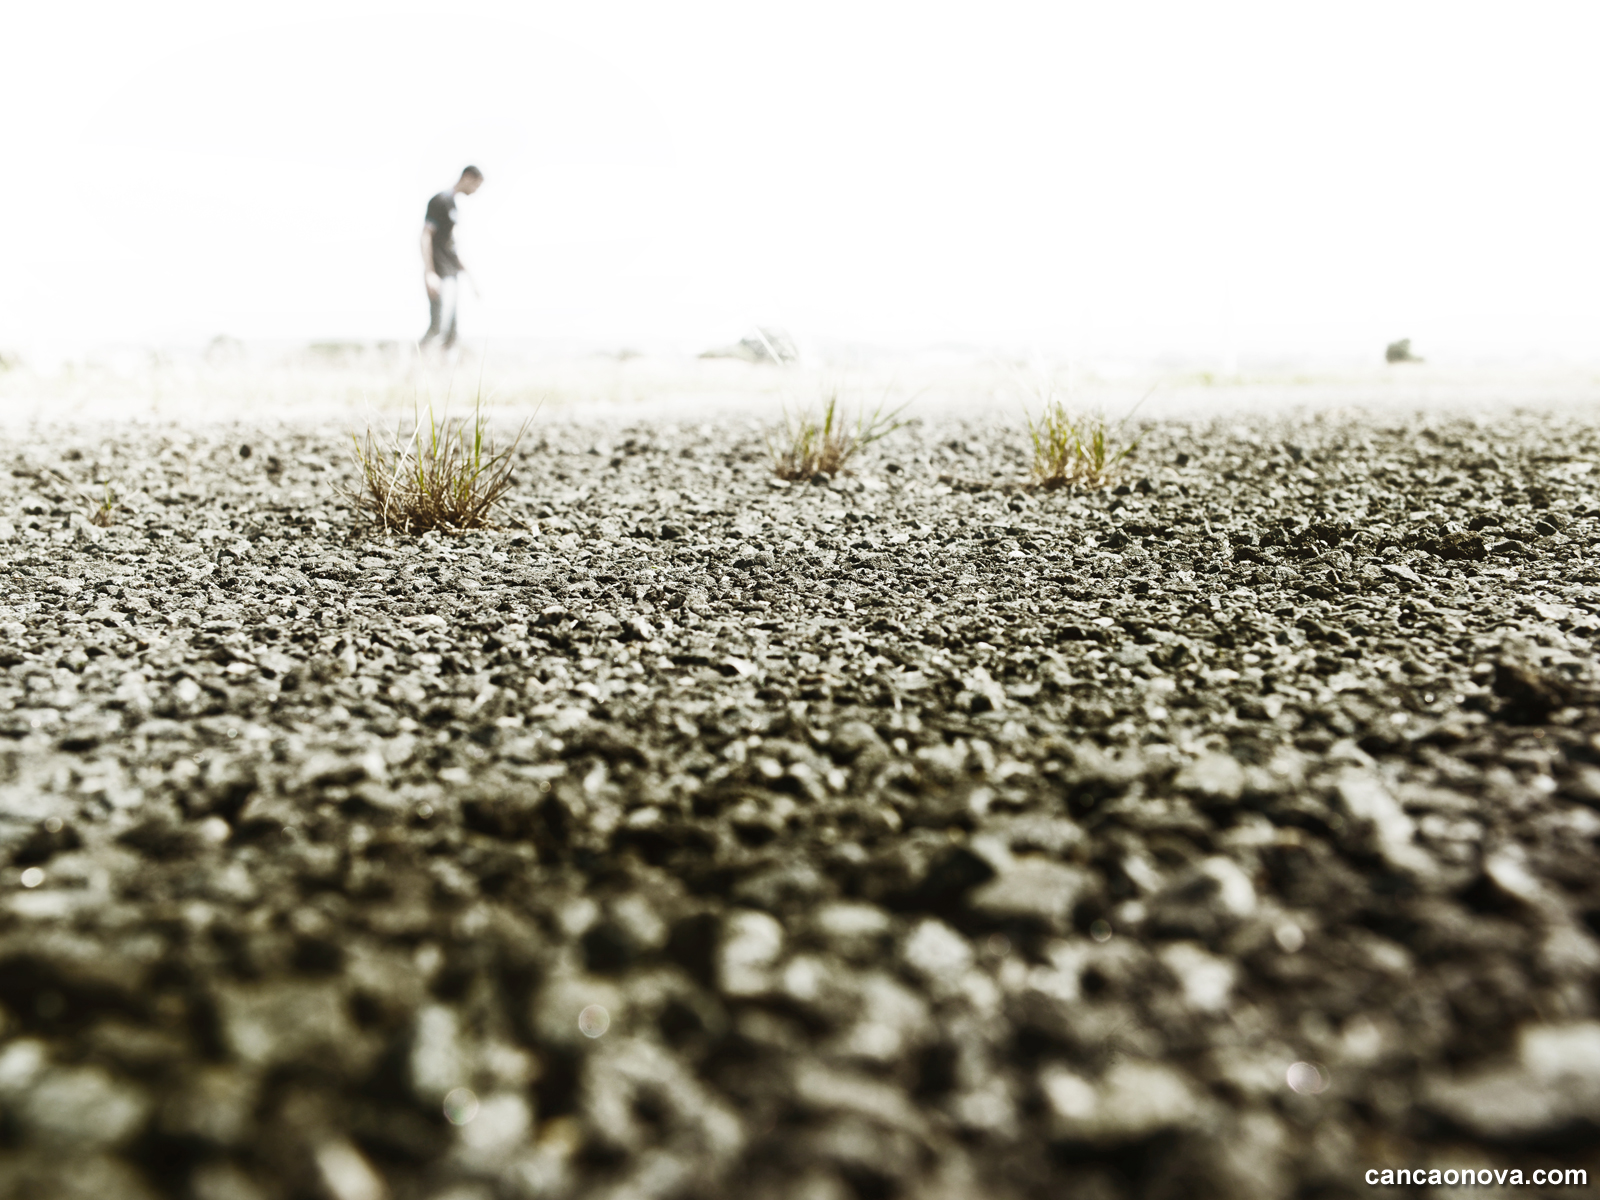 formacao_a-aridez-espiritual-pode-ser-um-trampolim-para-a-santidade 1600x1200